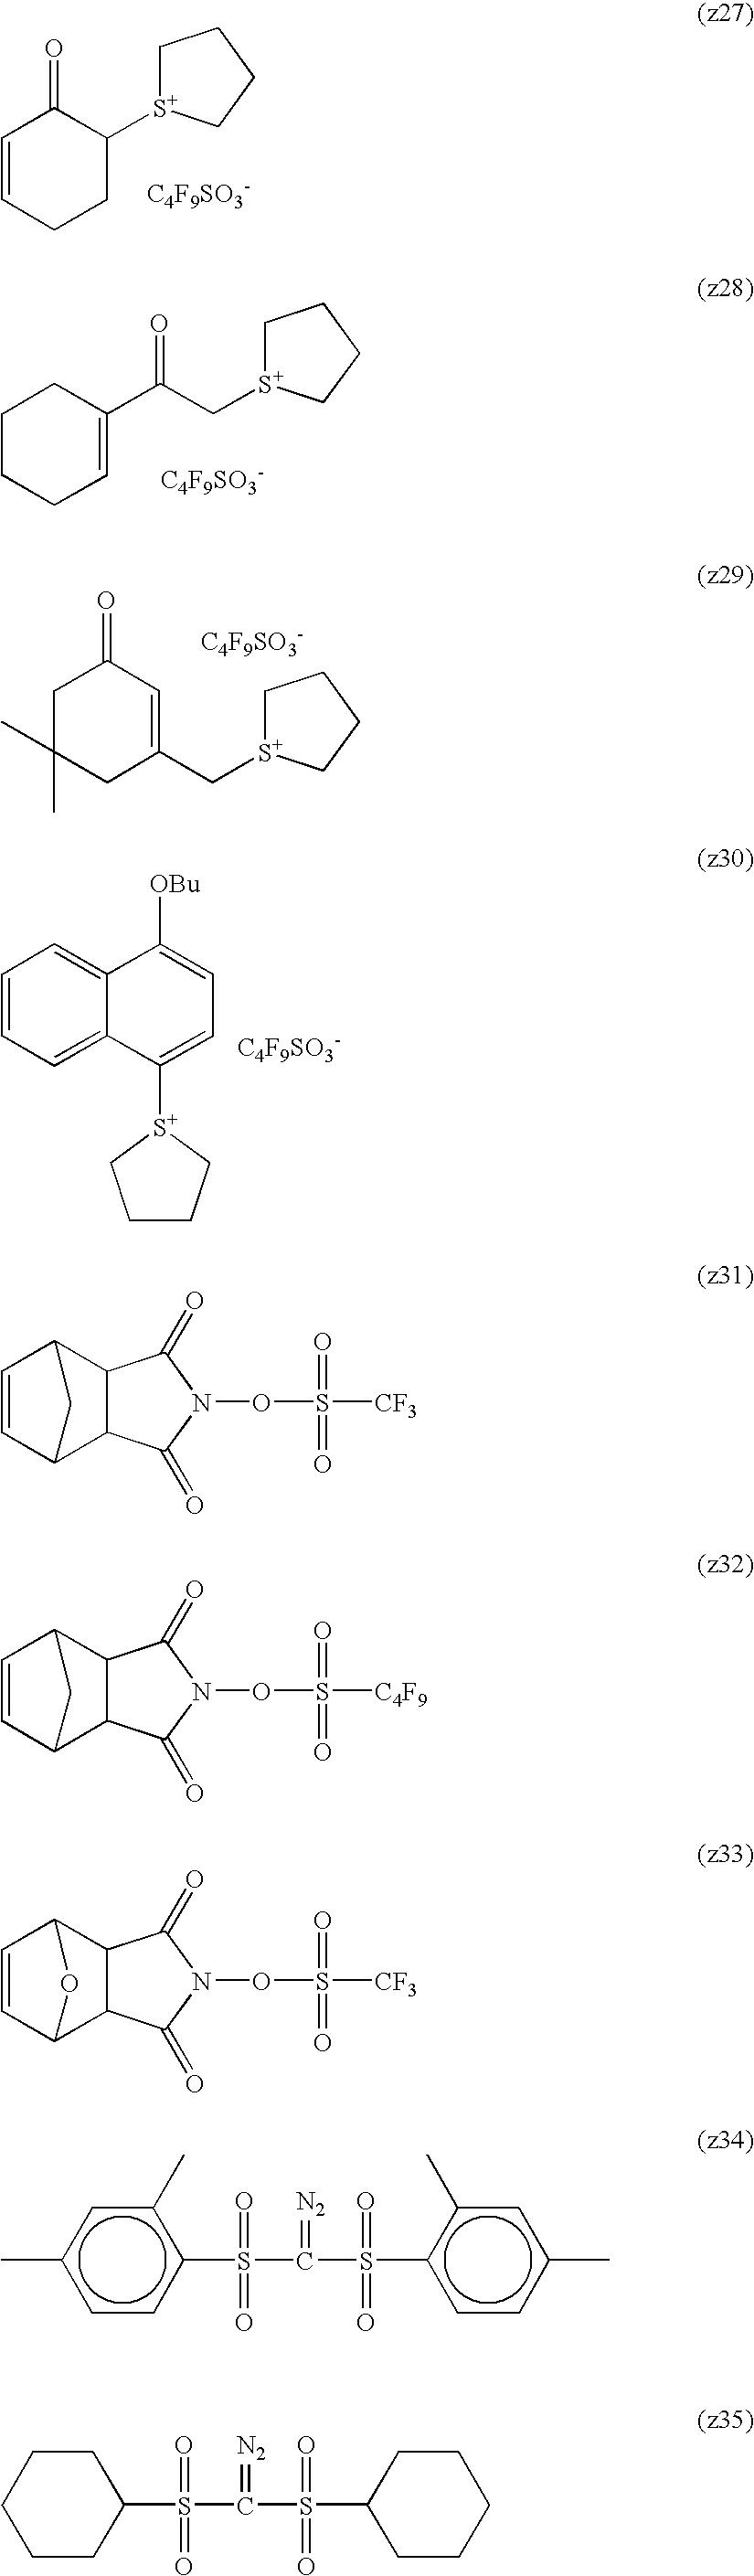 Figure US08017298-20110913-C00054